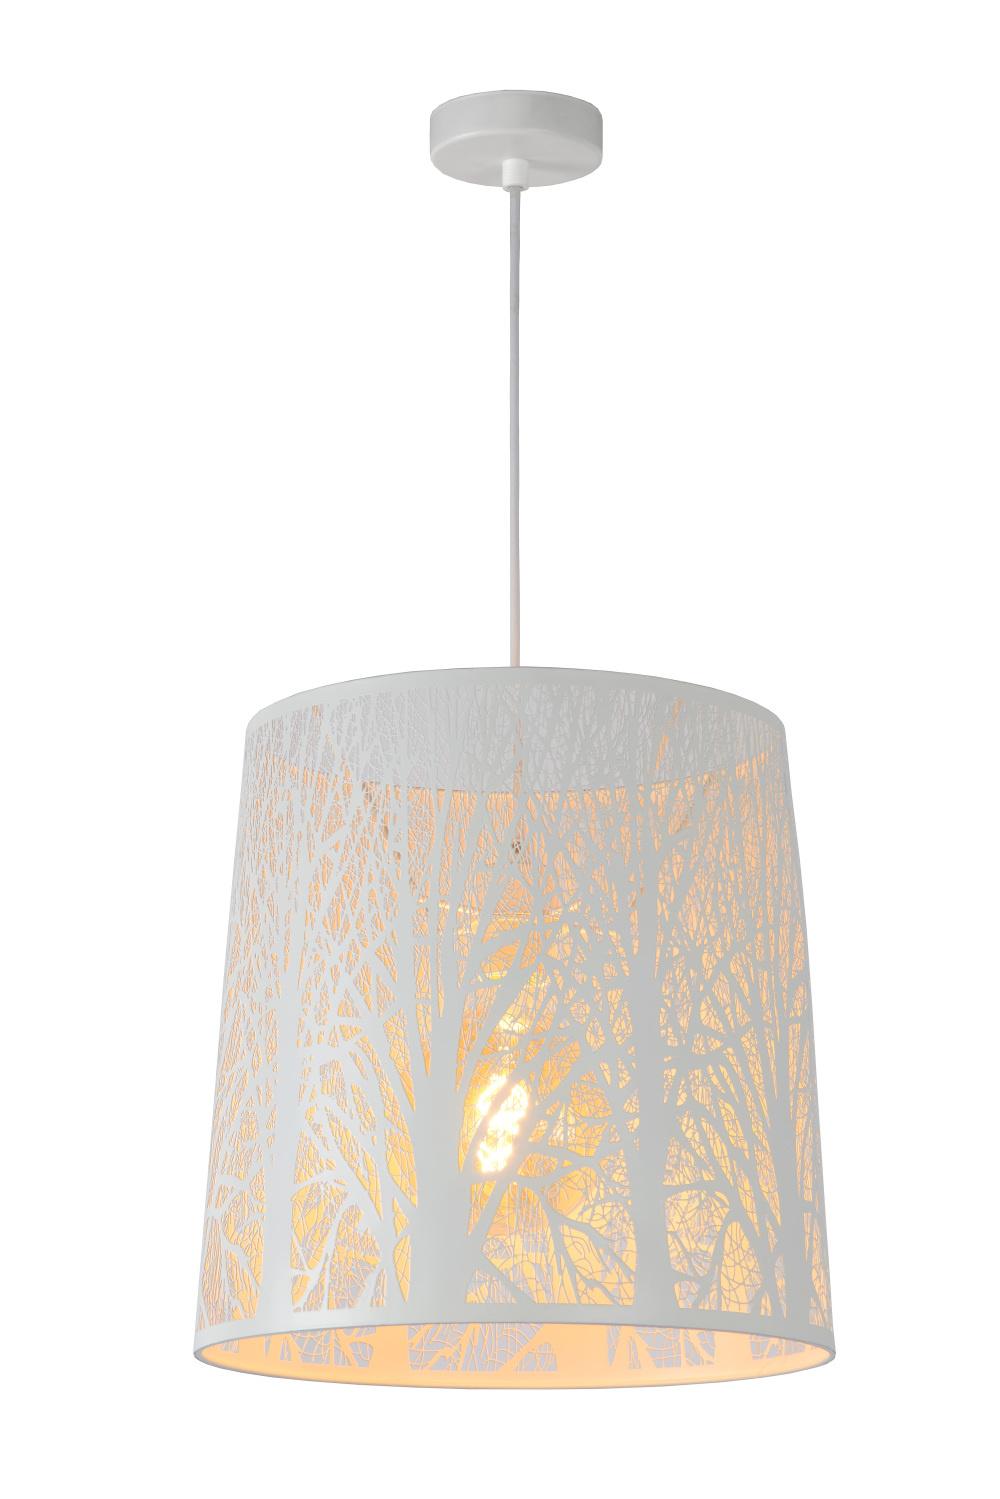 Lucide GARELL Hanglamp-Wit-Ø35-1xE27-60W-Metaal